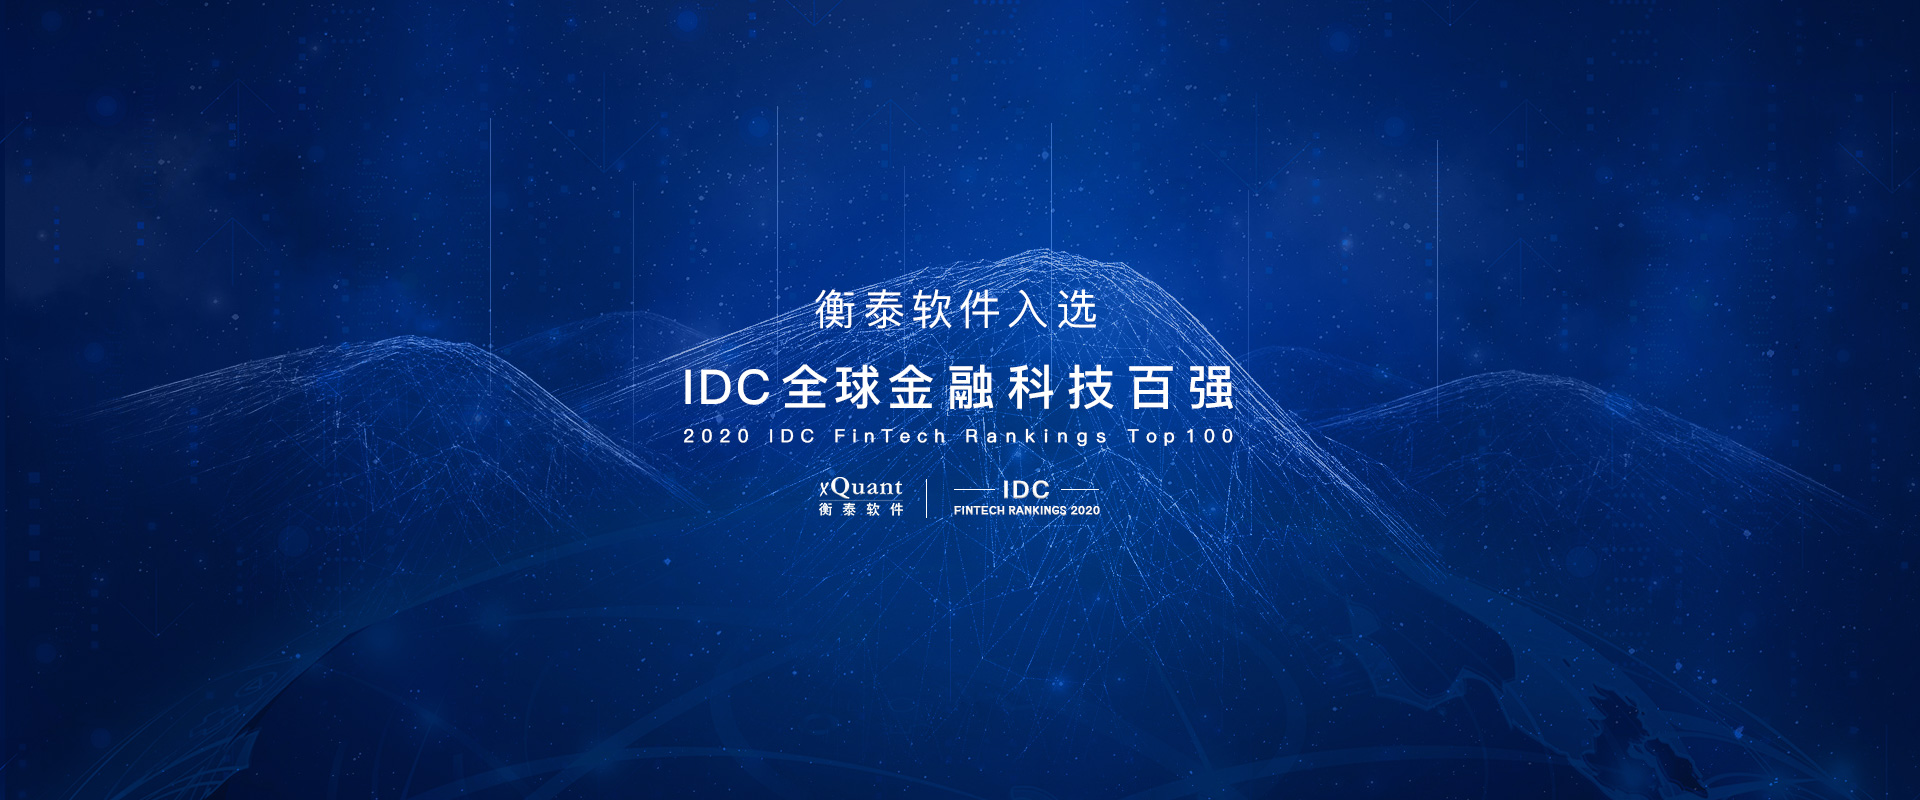 2020 IDC 全球Fintech 100榜单出炉,衡泰入选!